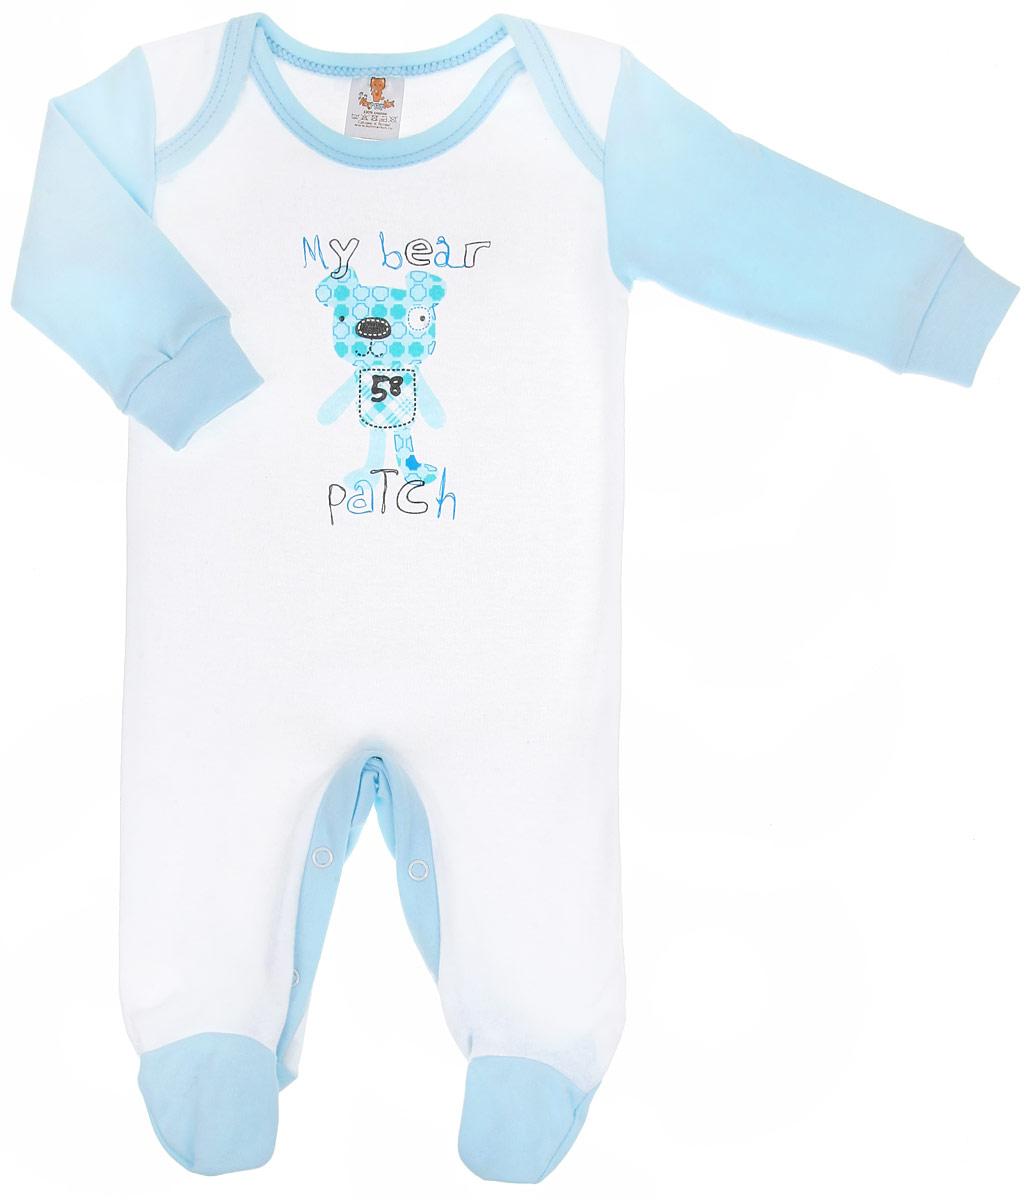 Комбинезон для мальчика КотМарКот Собачка, цвет: белый, голубой. 3656. Размер 62, 1-3 месяца3656Детский комбинезон для мальчика КотМарКот Собачка - очень удобный и практичный вид одежды для малышей. Комбинезон выполнен из натурального хлопка - интерлока, благодаря чему он необычайно мягкий и приятный на ощупь, не раздражает нежную кожу ребенка, хорошо вентилируется, и не препятствует его движениям. Швы выполнены наружу. Комбинезон с длинными рукавами и закрытыми ножками имеет удобные запахи на плечах и застежки-кнопки на ластовице, что помогает легко переодеть младенца или сменить подгузник. Рукава дополнены широкими трикотажными манжетами, которые мягко обхватывают запястья.Комбинезон оформлен принтом с изображением забавного песика, а также принтовыми надписями My Bear Patch. С этим детским комбинезоном спинка и ножки вашего малыша всегда будут в тепле, он идеален для использования днем и незаменим ночью. Комбинезон полностью соответствует особенностям жизни младенца в ранний период, не стесняя и не ограничивая его в движениях!